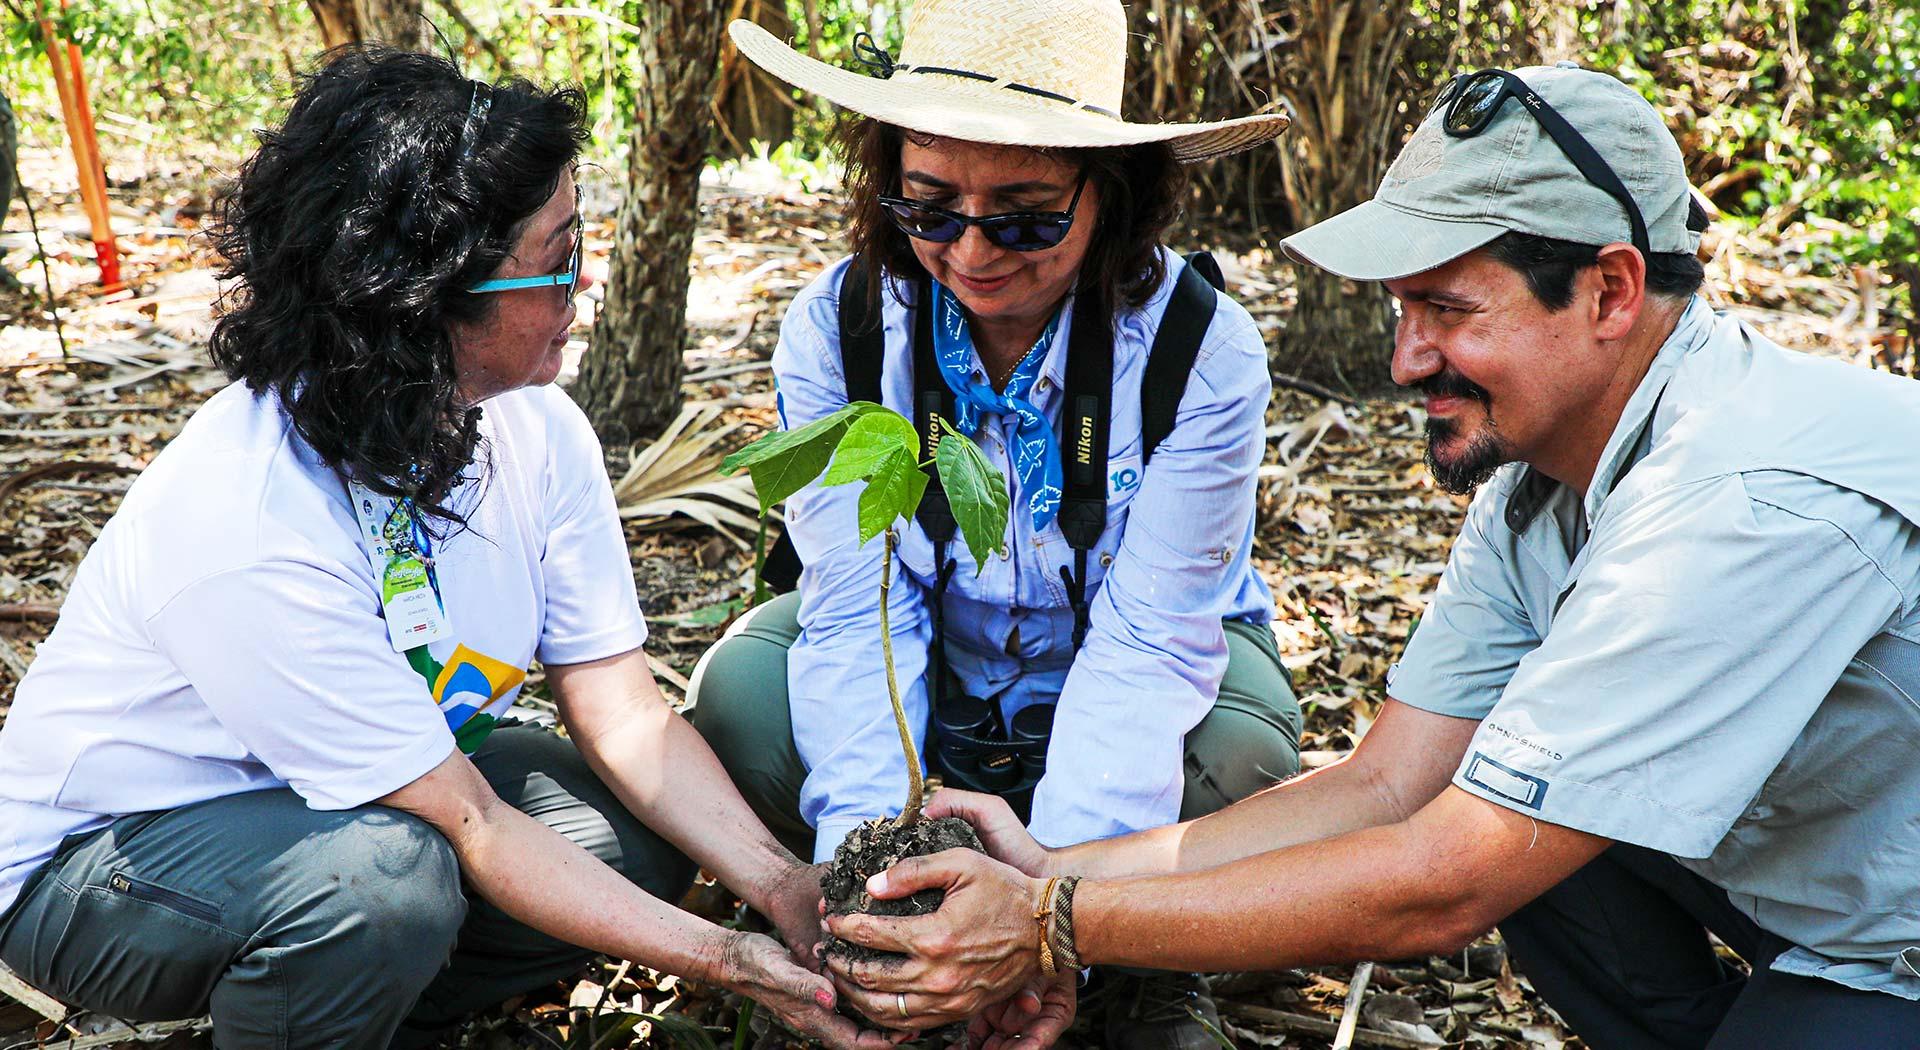 Duas mulheres e um homem plantando uma árvore no solo.